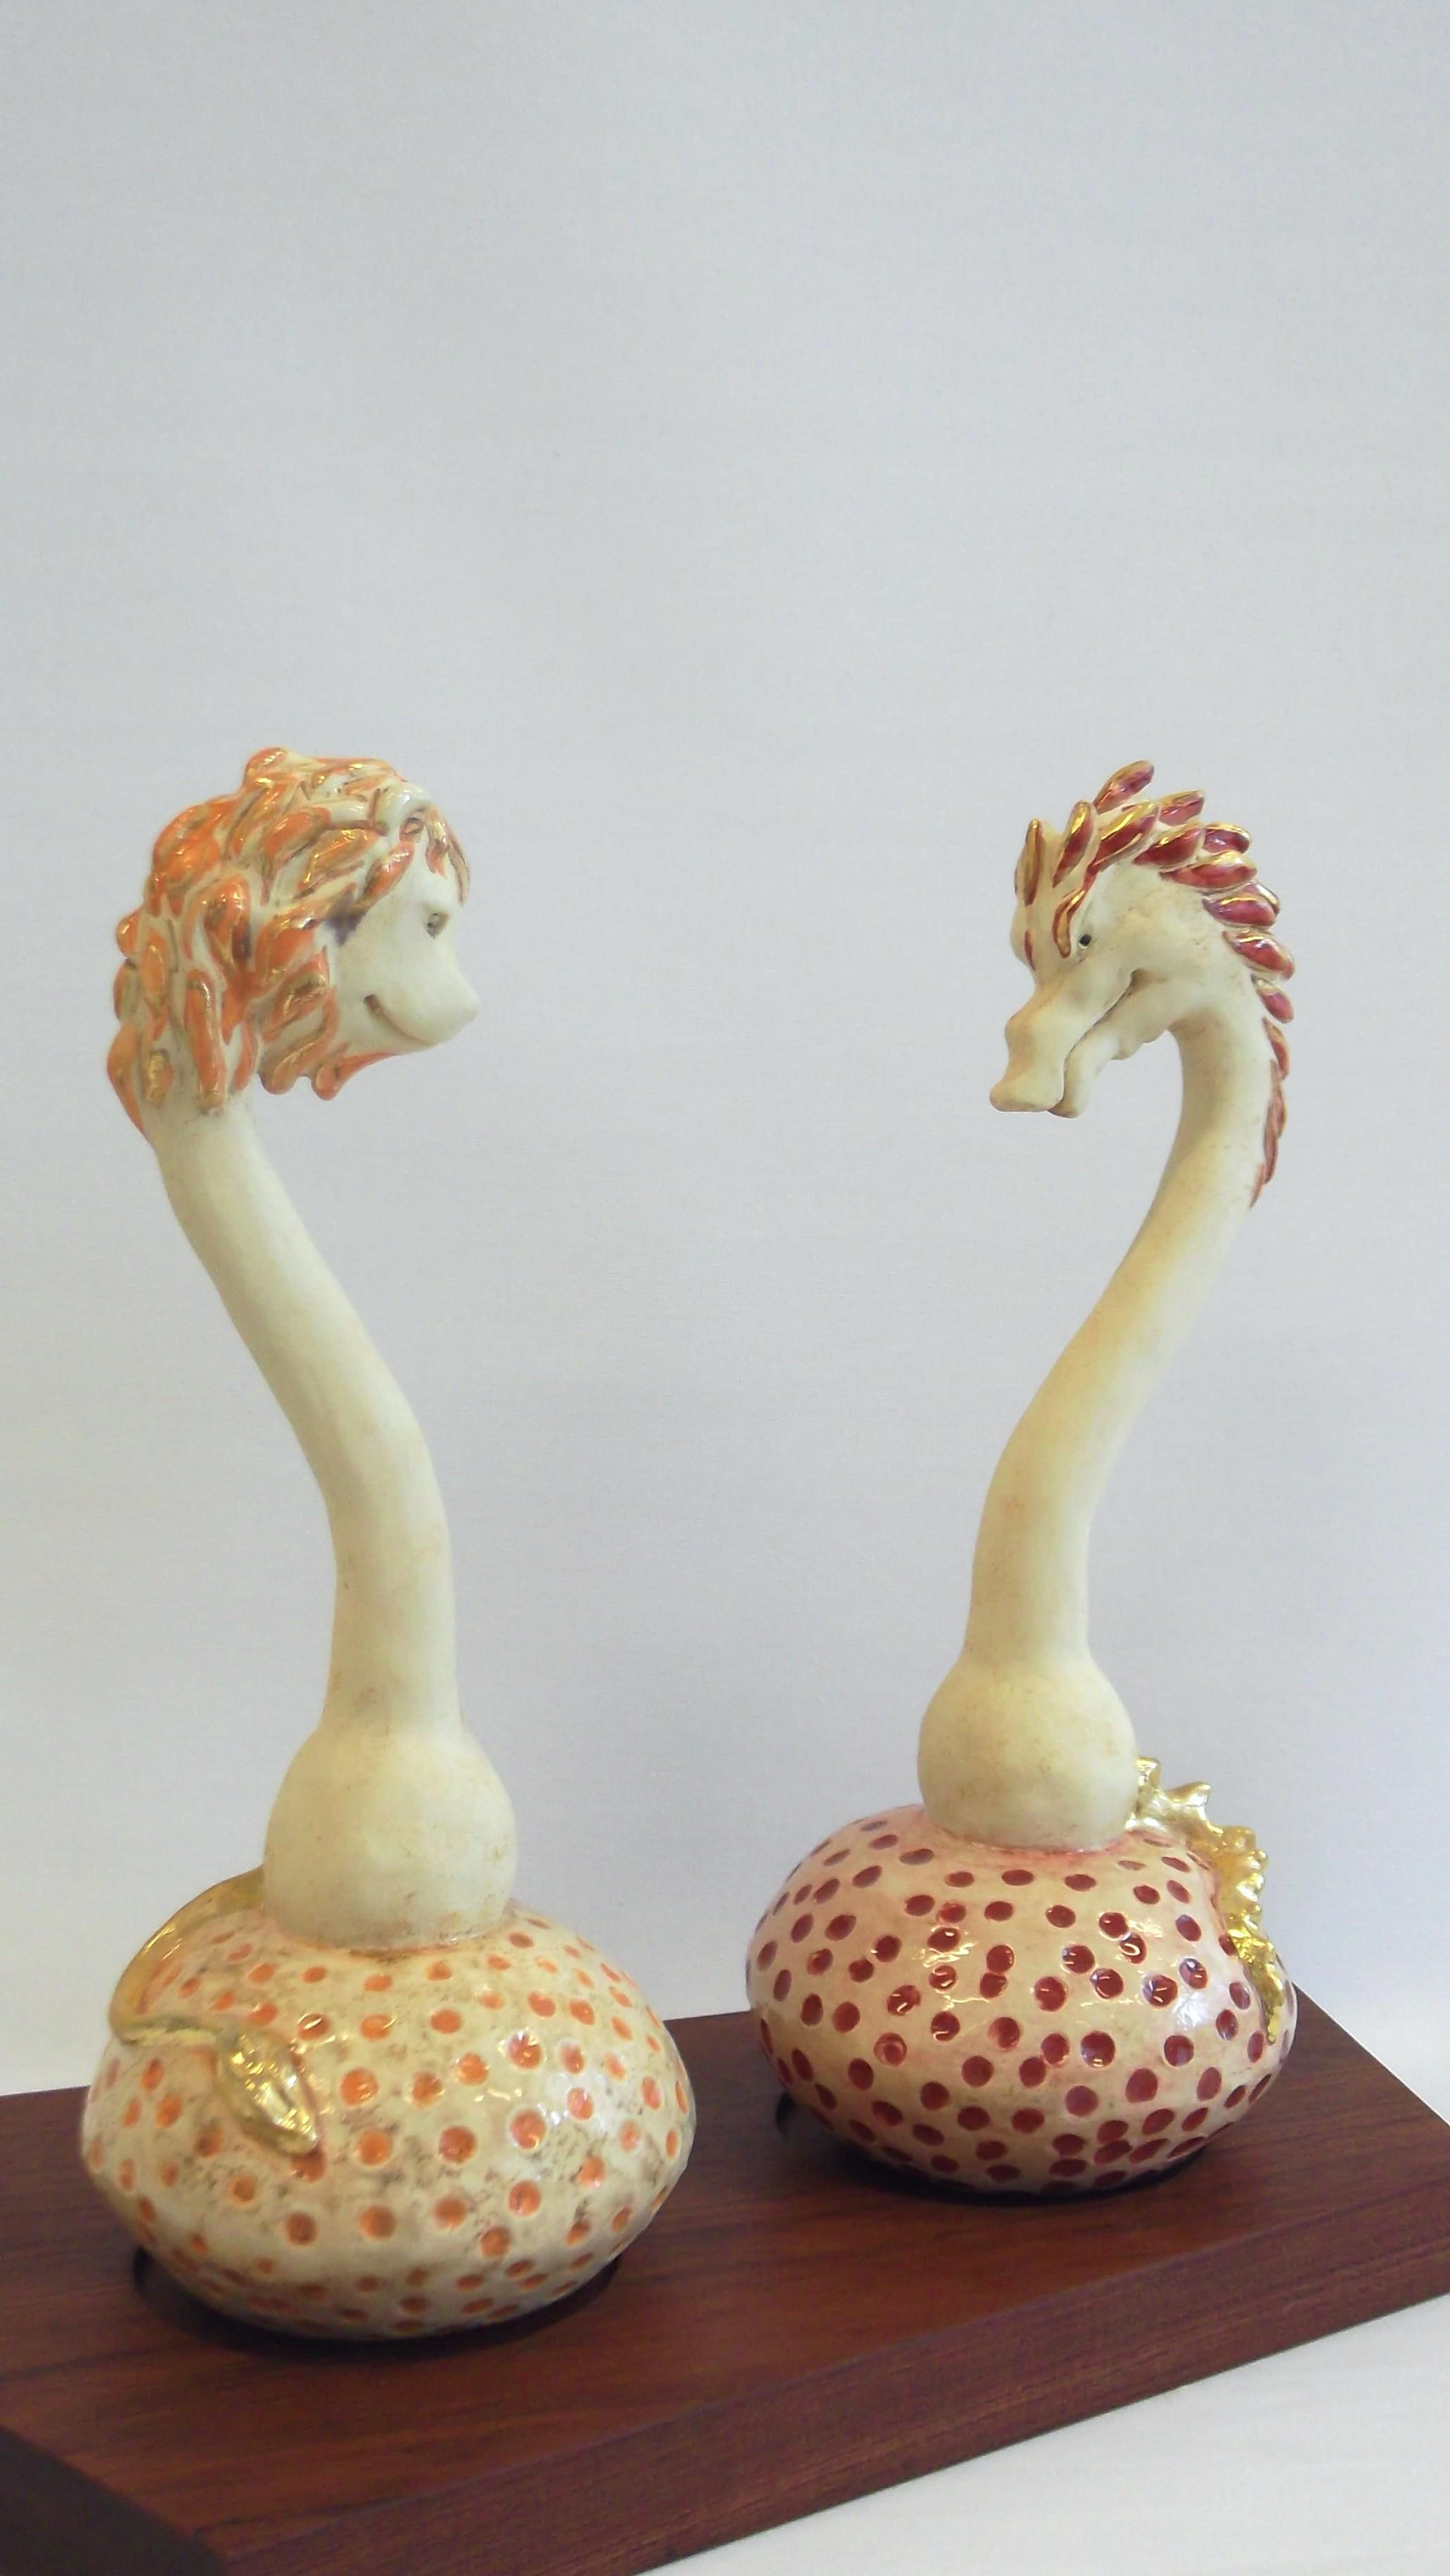 samenwerking nederland china jubileum relatiegeschenk origineel keramiek